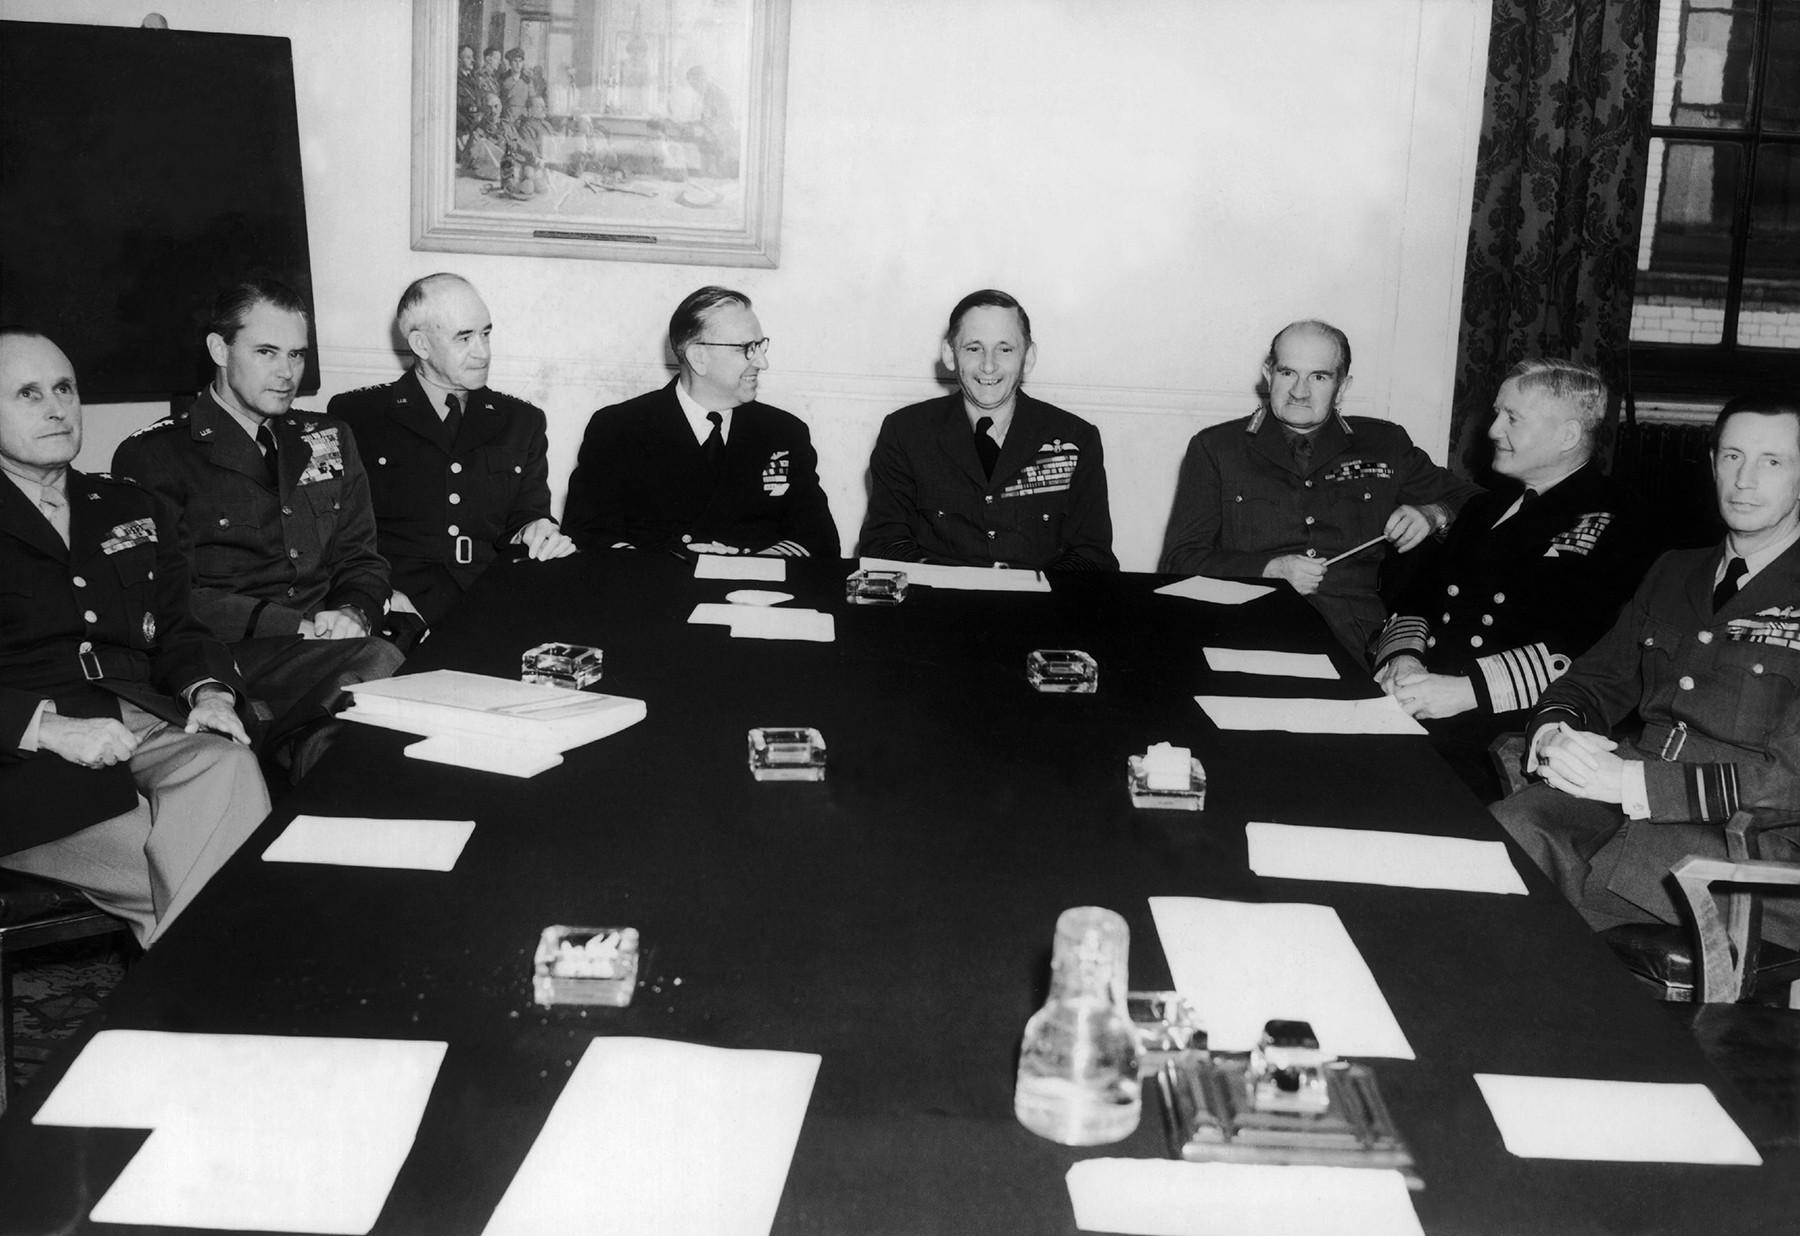 Амерички и британски генерали за округлим столом, Велика Британија, 8. март 1949.